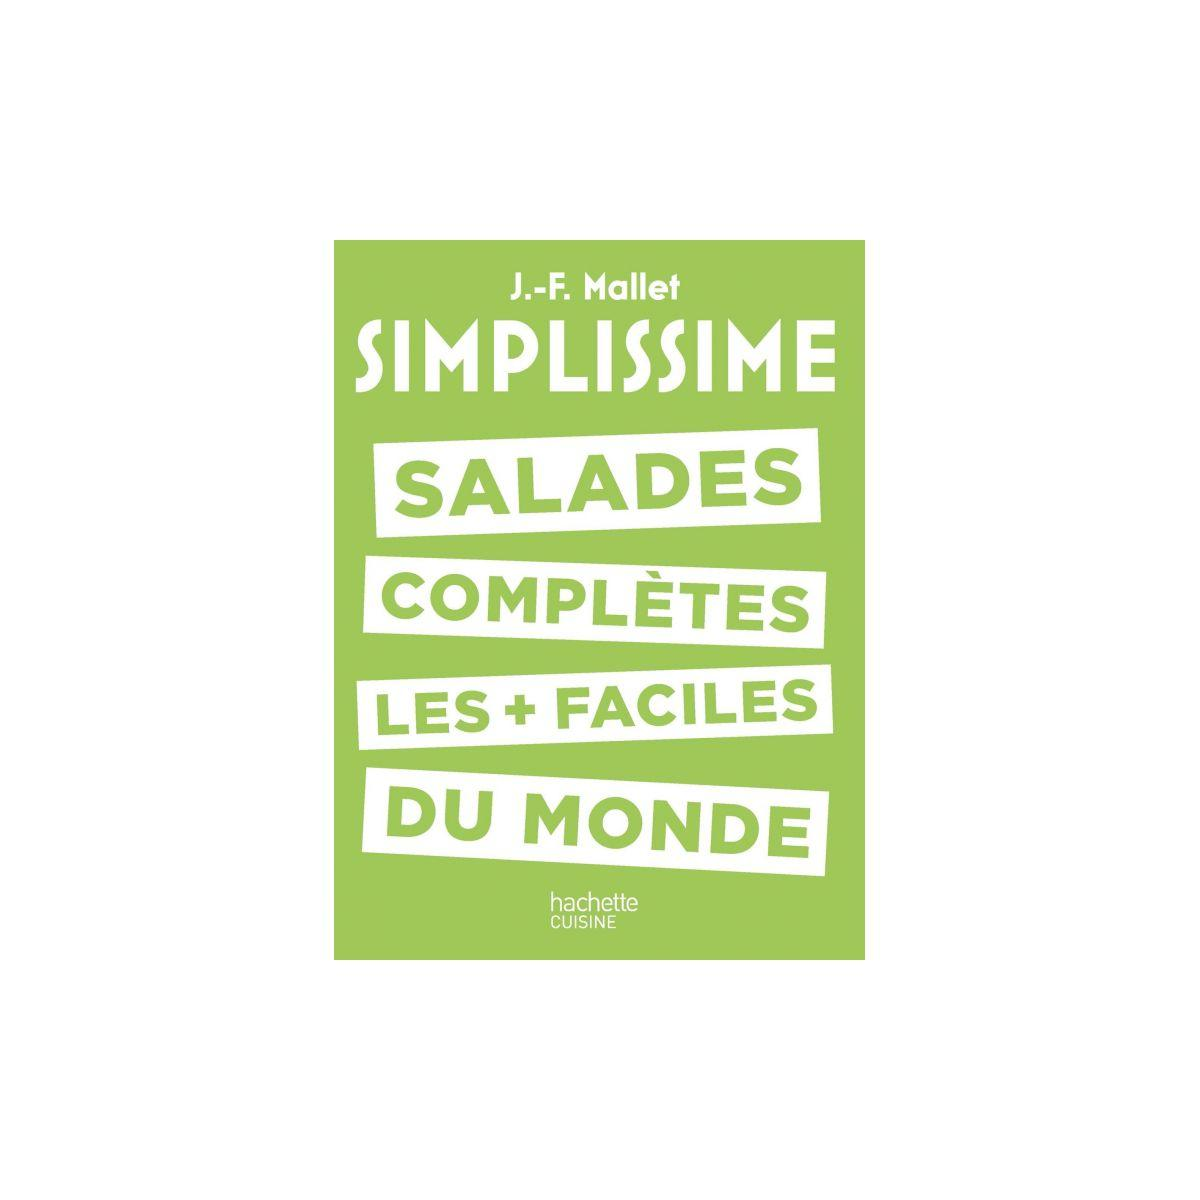 Livre de cuisine hachette simplissime salades compl�tes (photo)